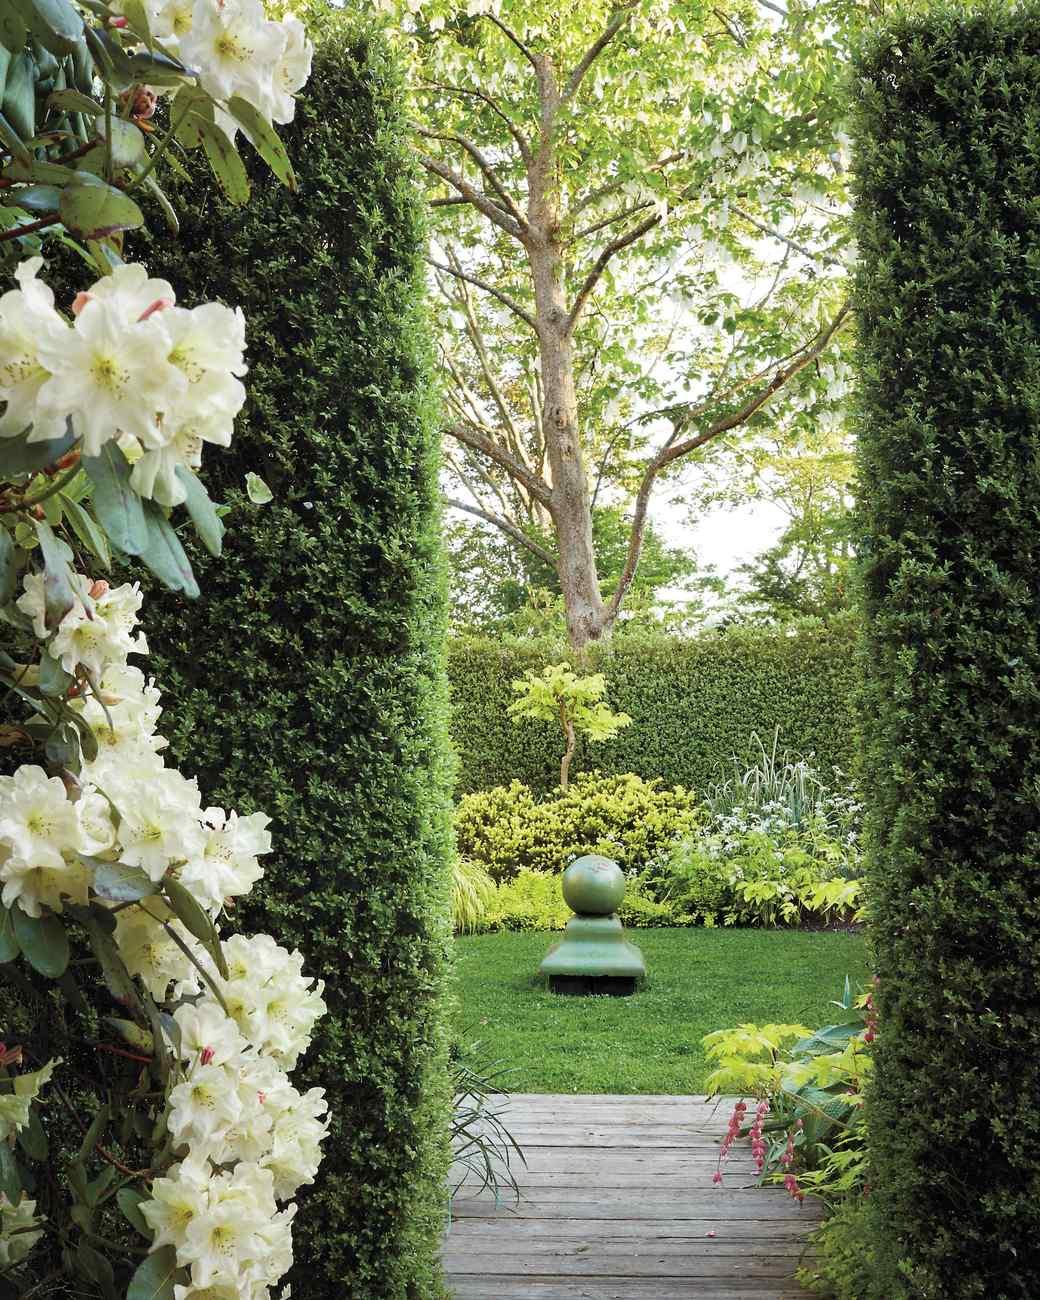 sakonnet-garden-rhode-island-0068-d112230-0216.jpg